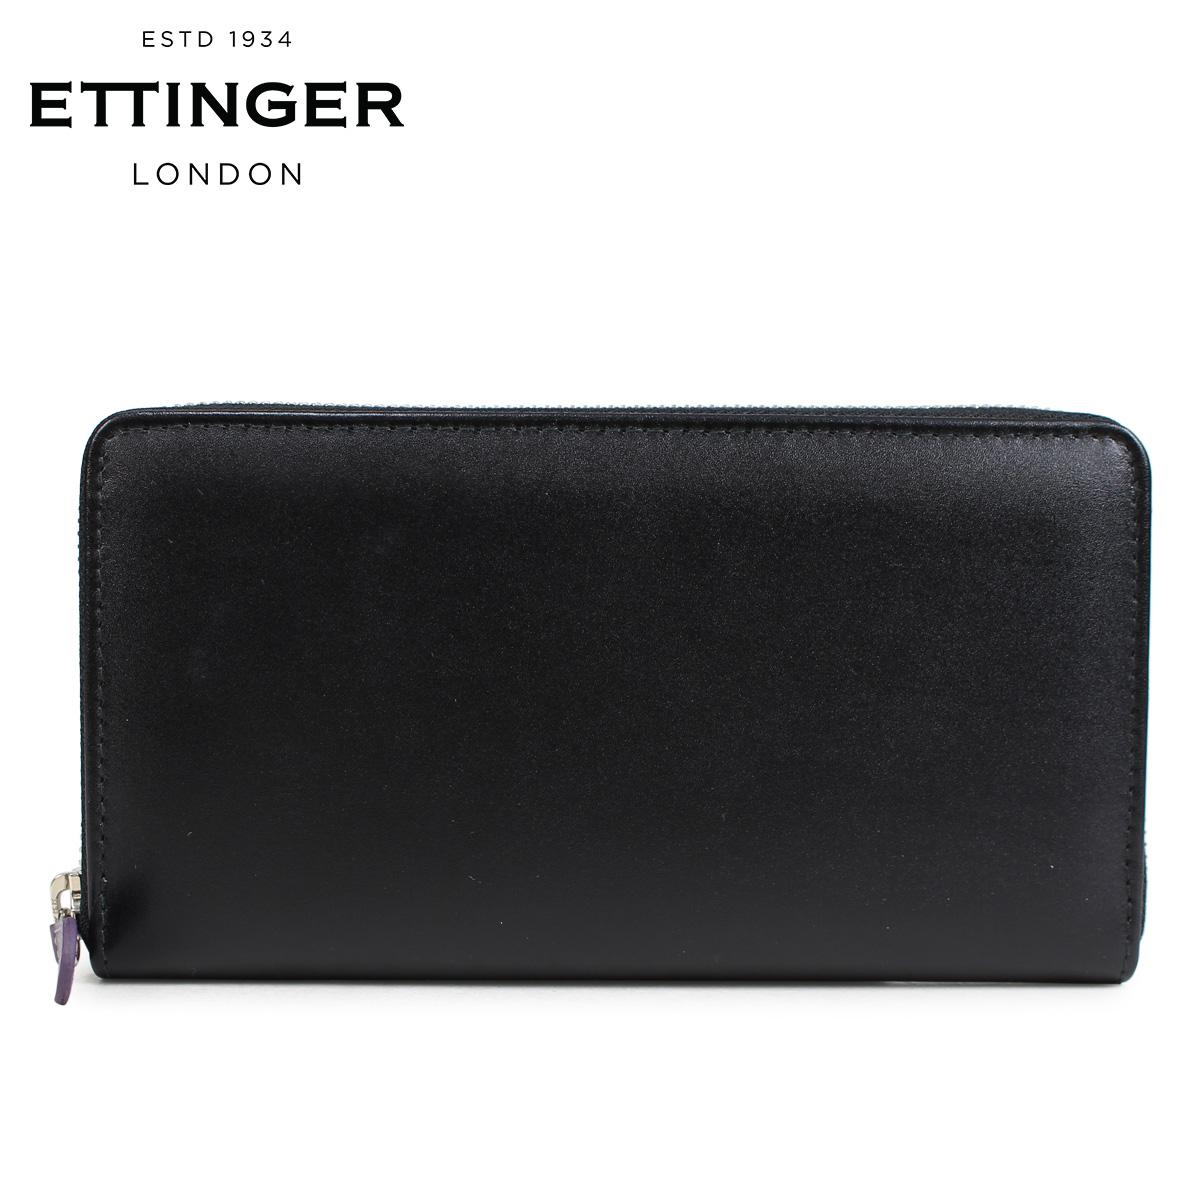 ETTINGER エッティンガー 財布 長財布 メンズ 本革 STERLING LARGE ZIP AROUND PURSE ブラック ST2051EJR